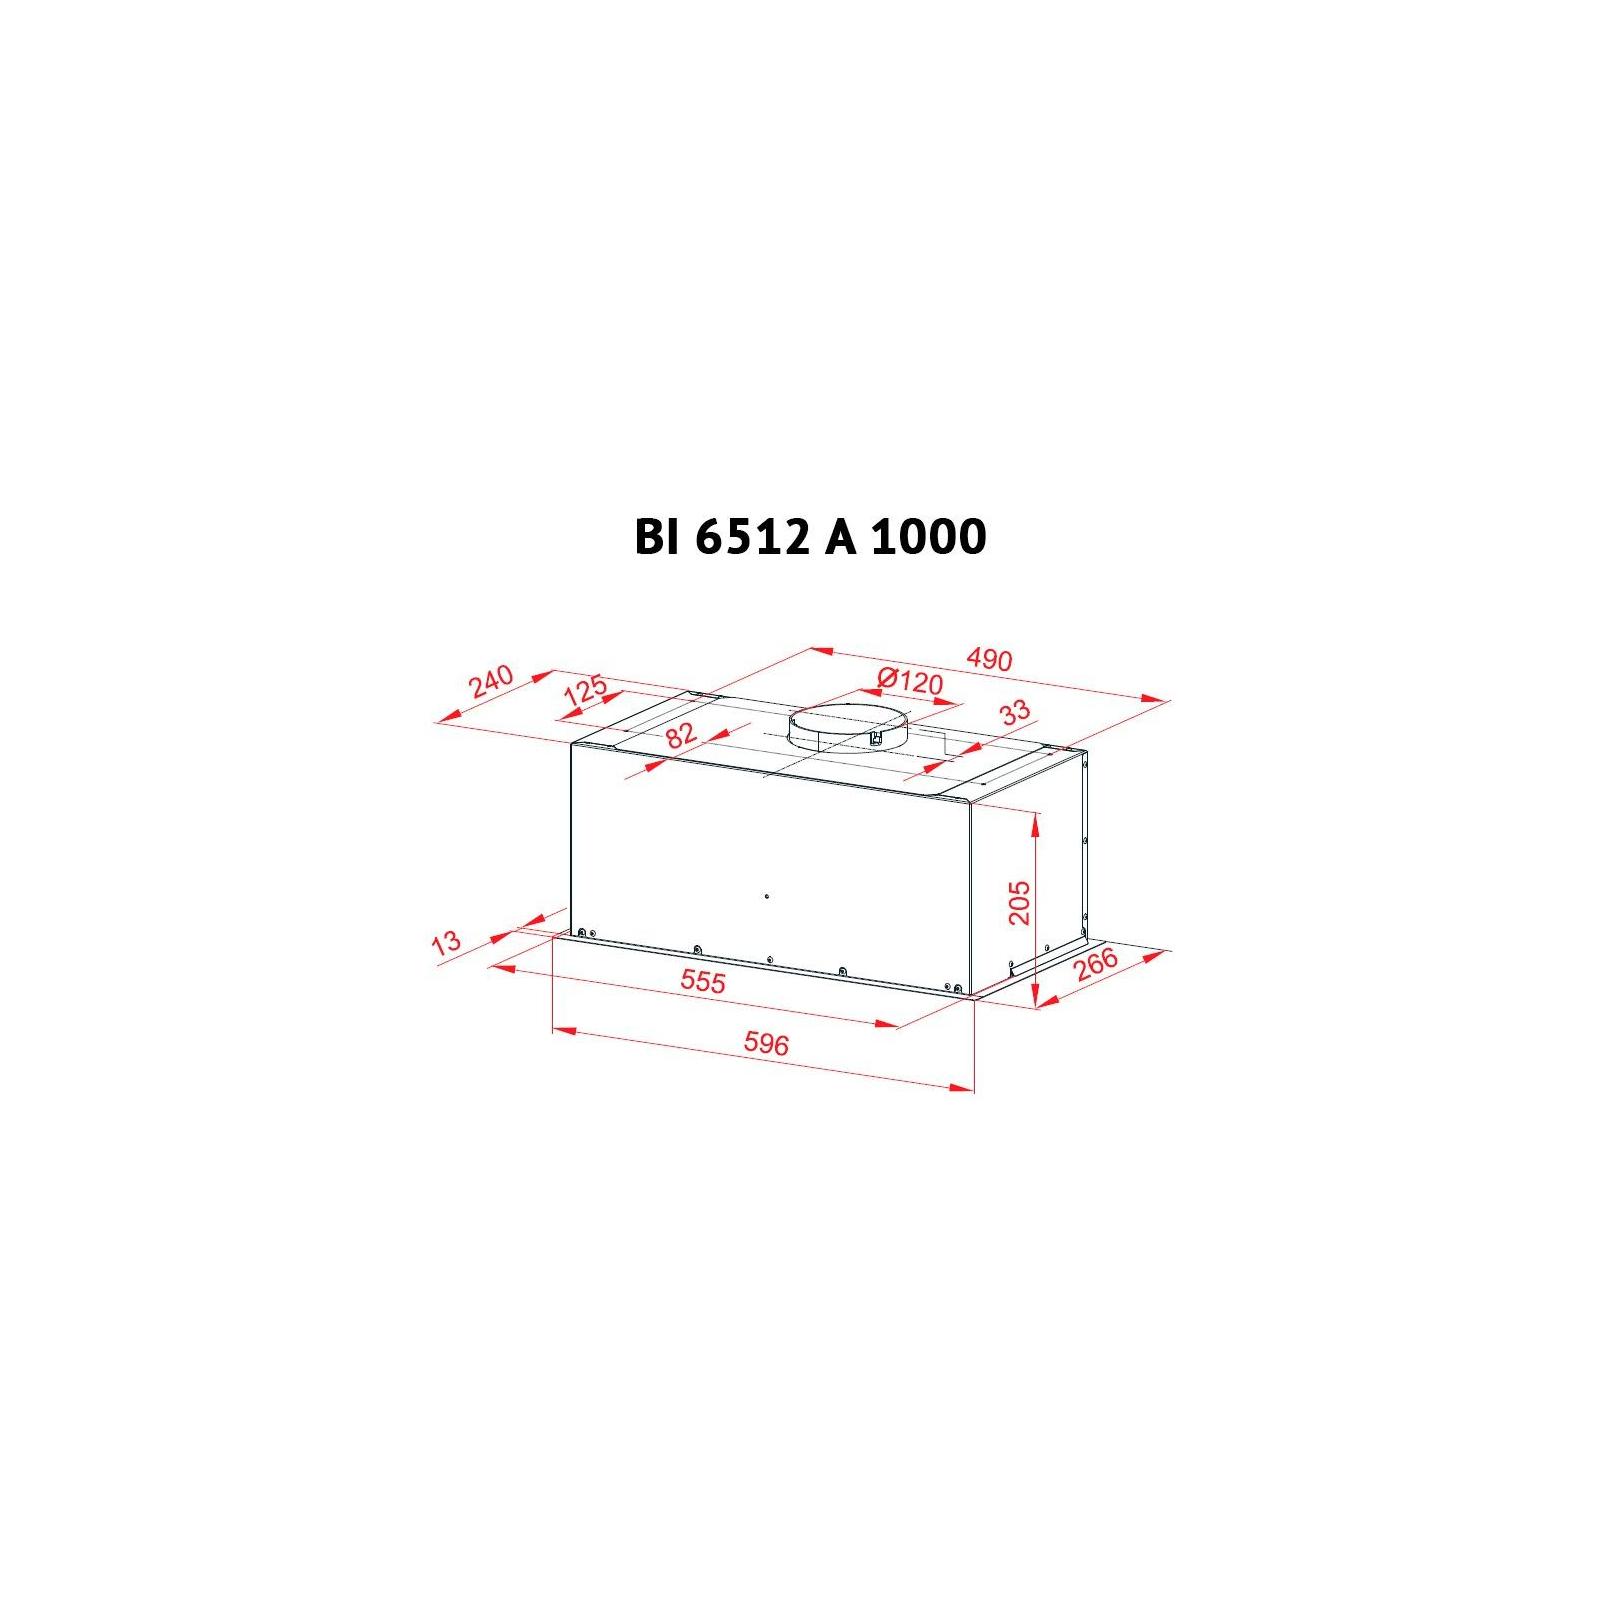 Вытяжка кухонная PERFELLI BI 6512 A 1000 W LED изображение 6